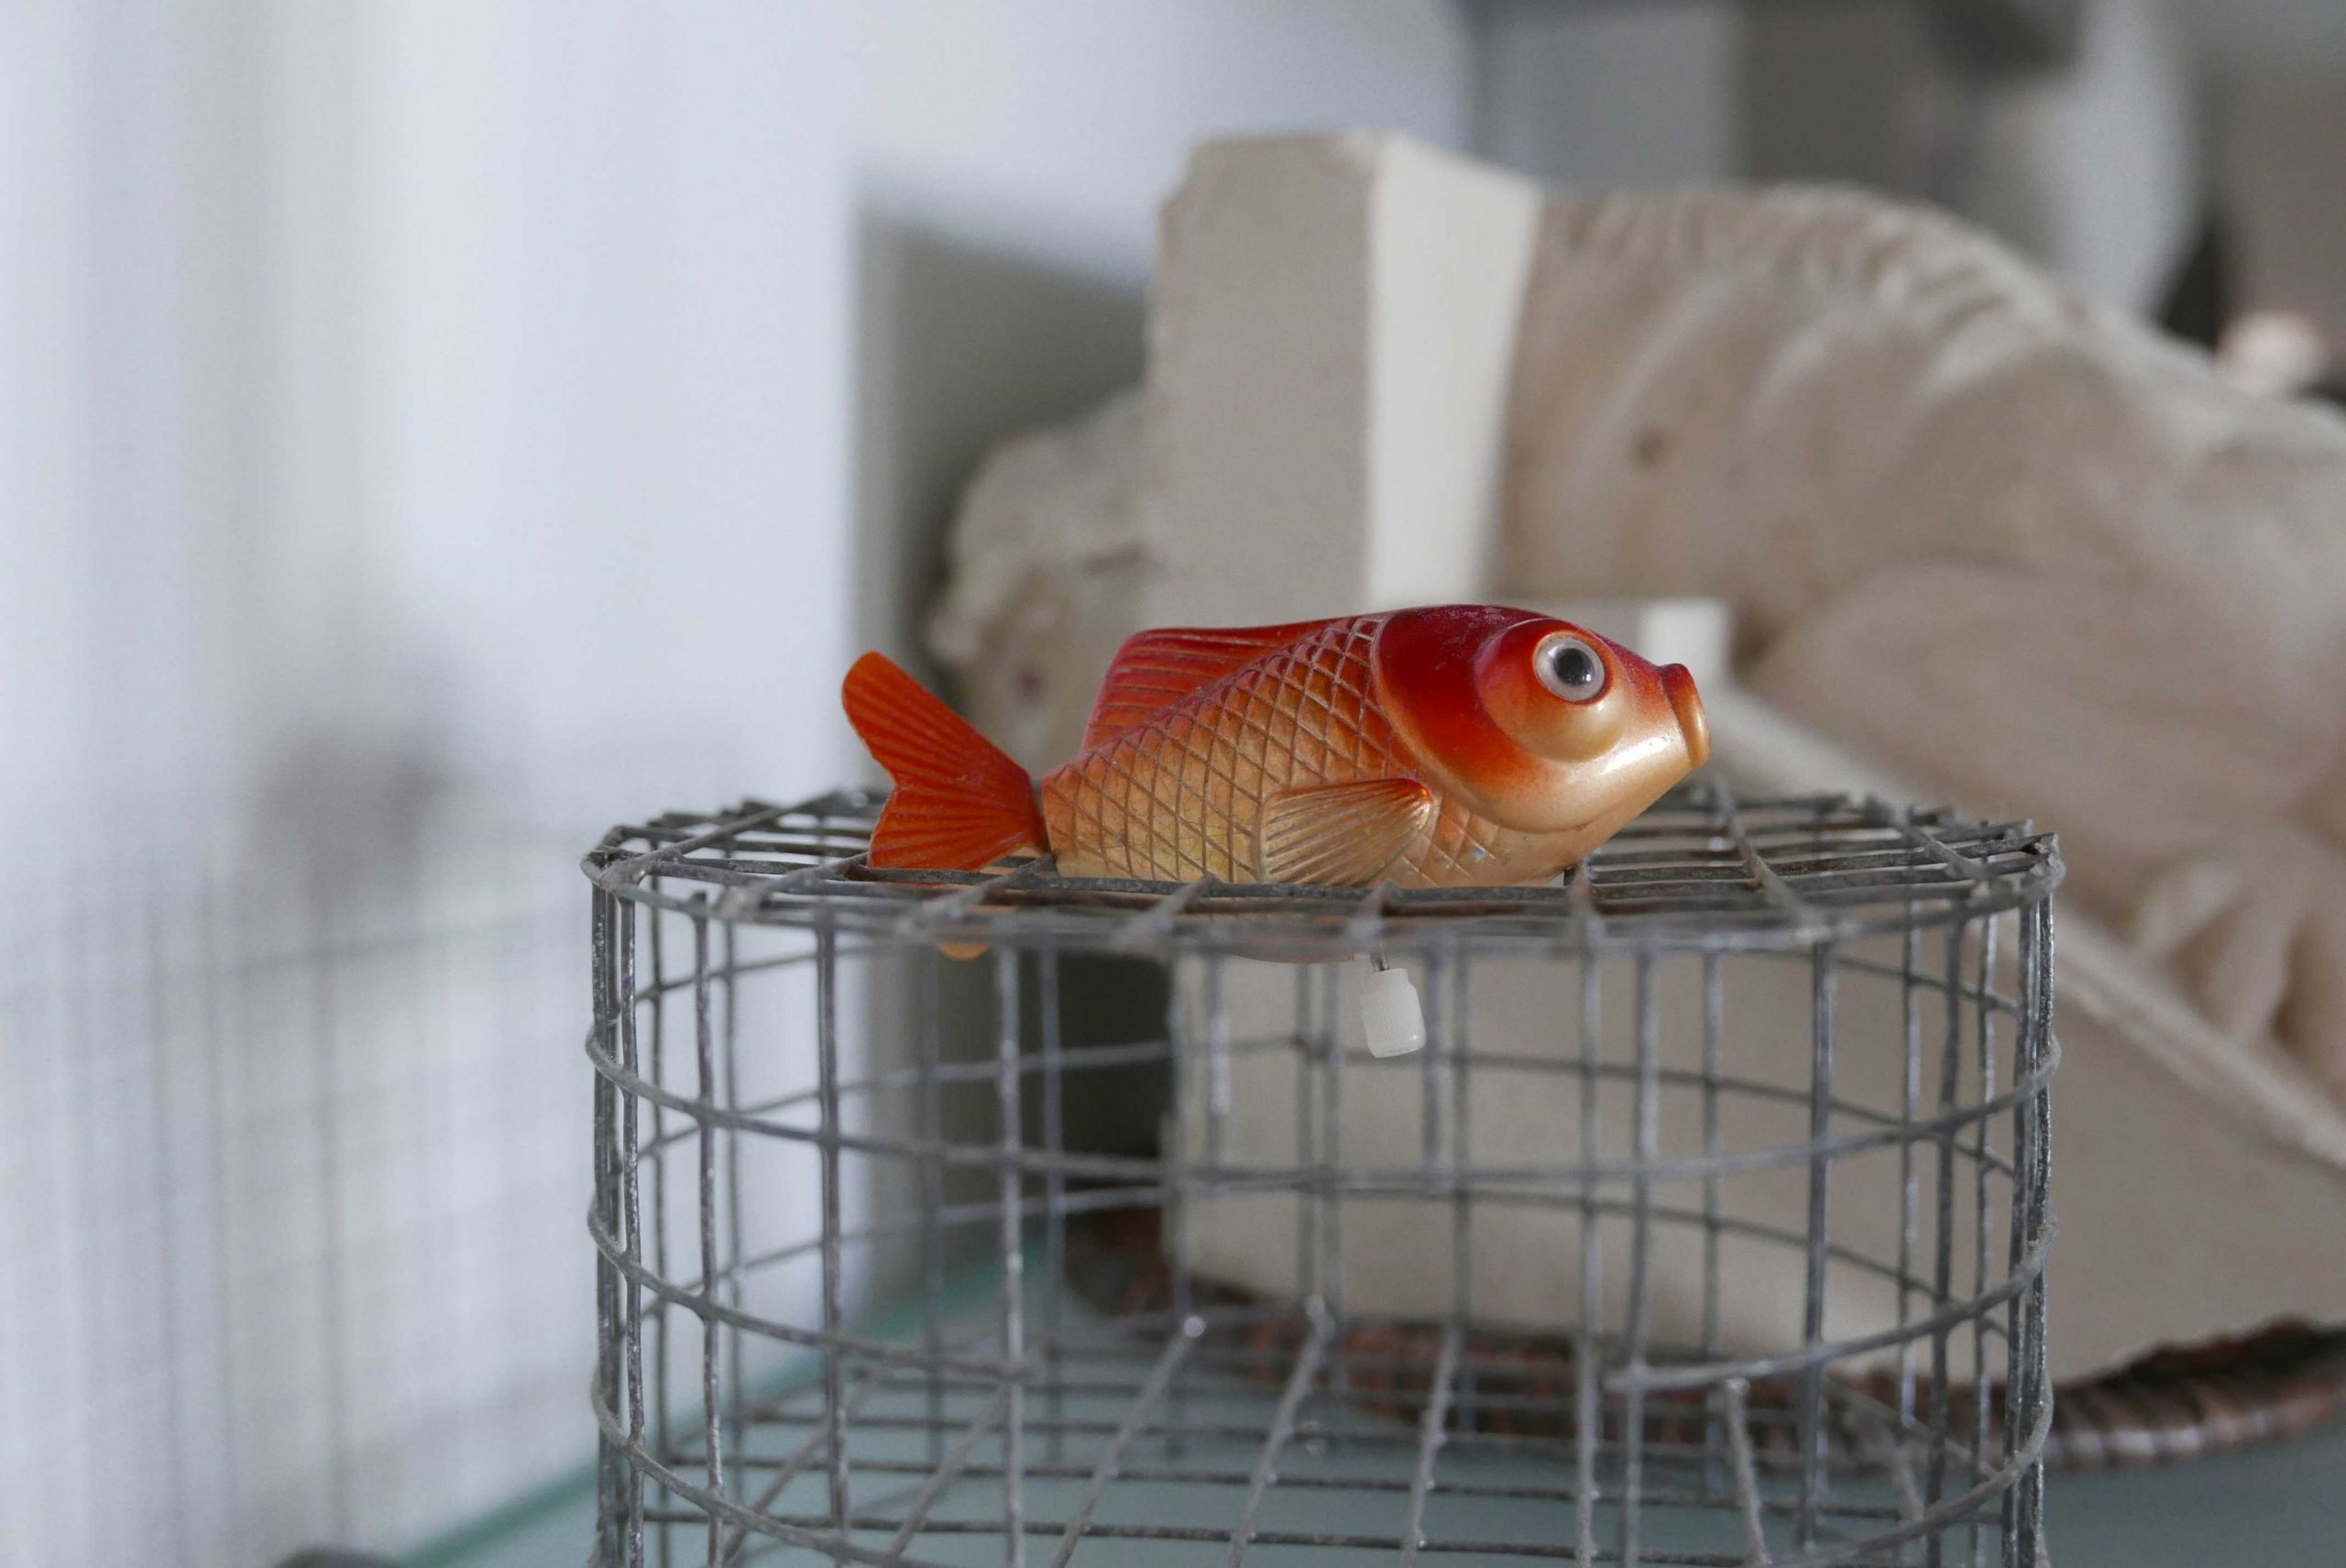 Plastikfisch zum Aufziehen im Regal